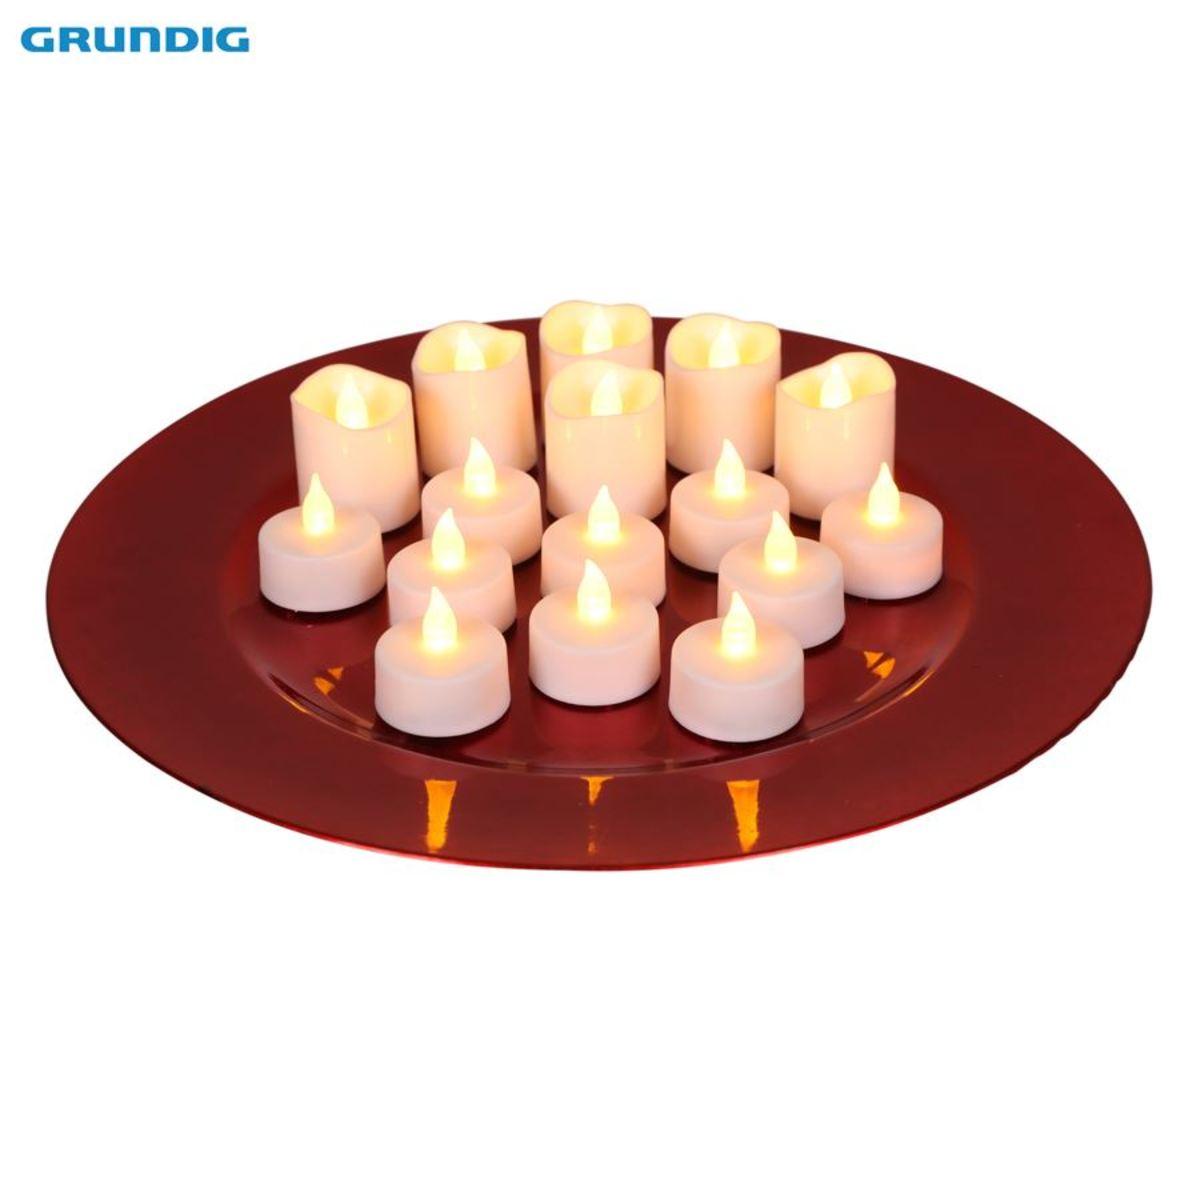 Bild 1 von Grundig LED-Teelichter-Set 16-teilig